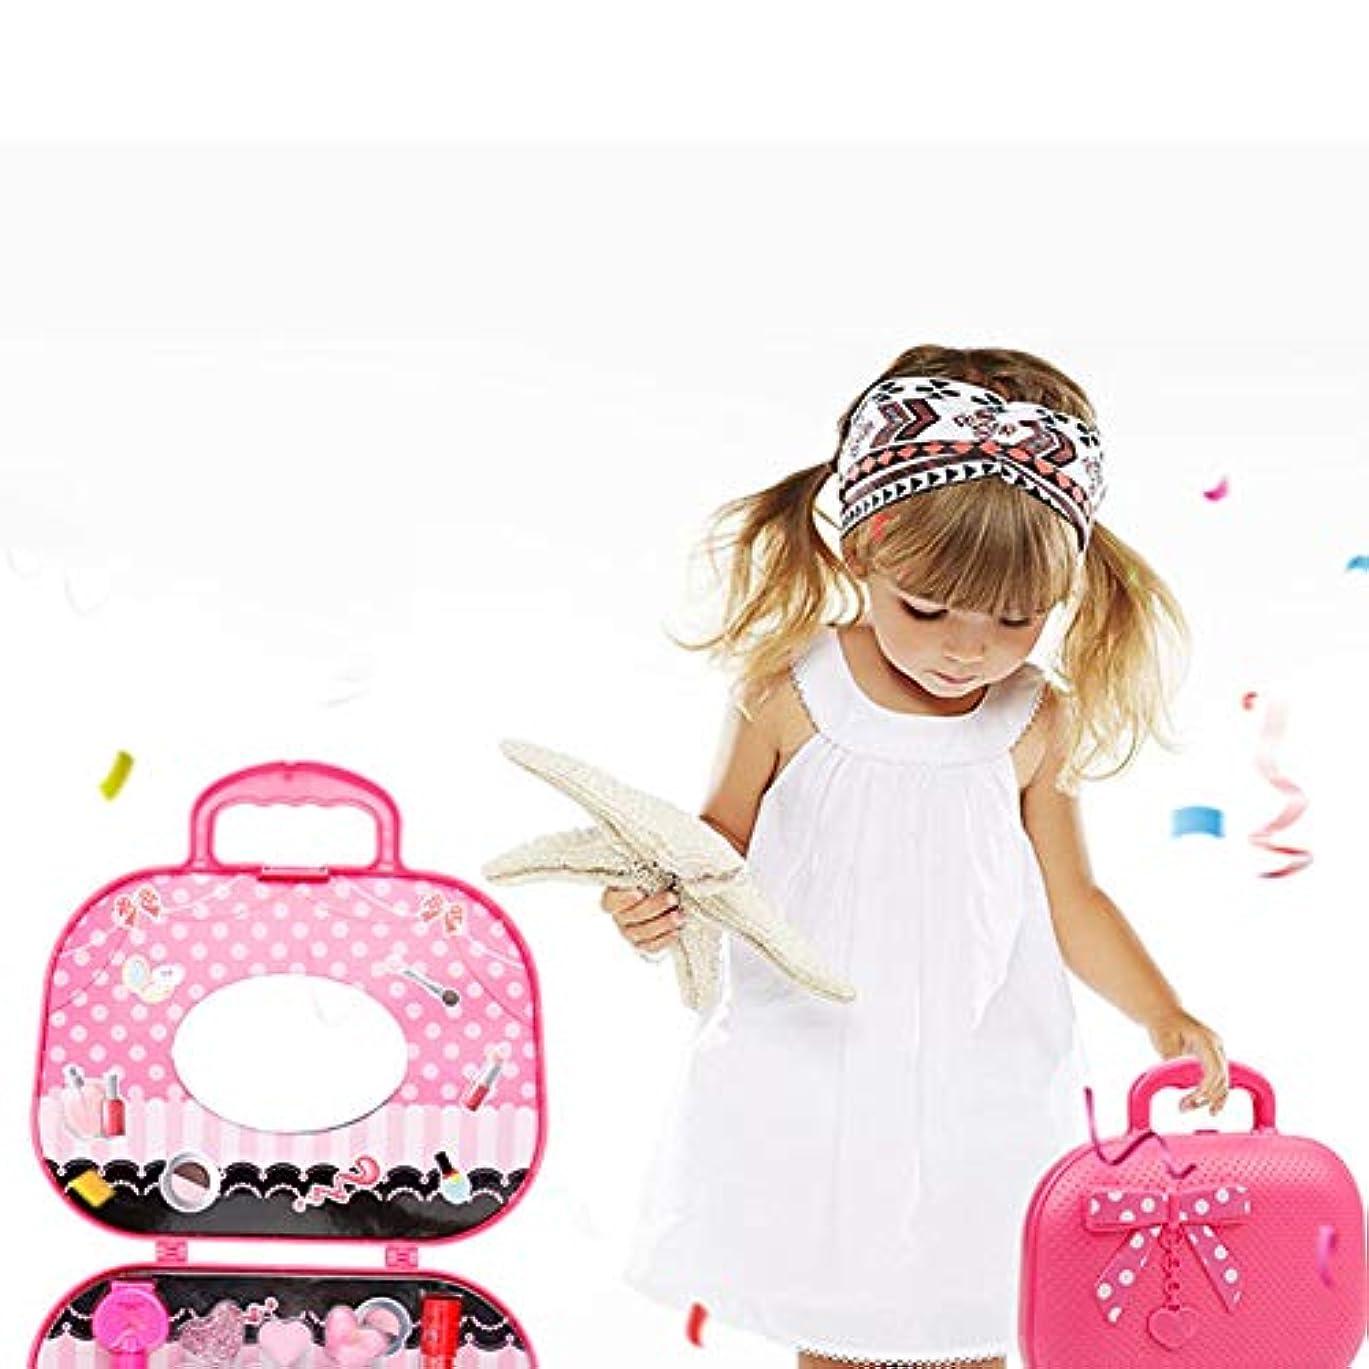 敵対的マチュピチュ勝利したかわいいプリンセスふりメイクセットキッズガールズシミュレーション口紅子供のおもちゃ - ピンク